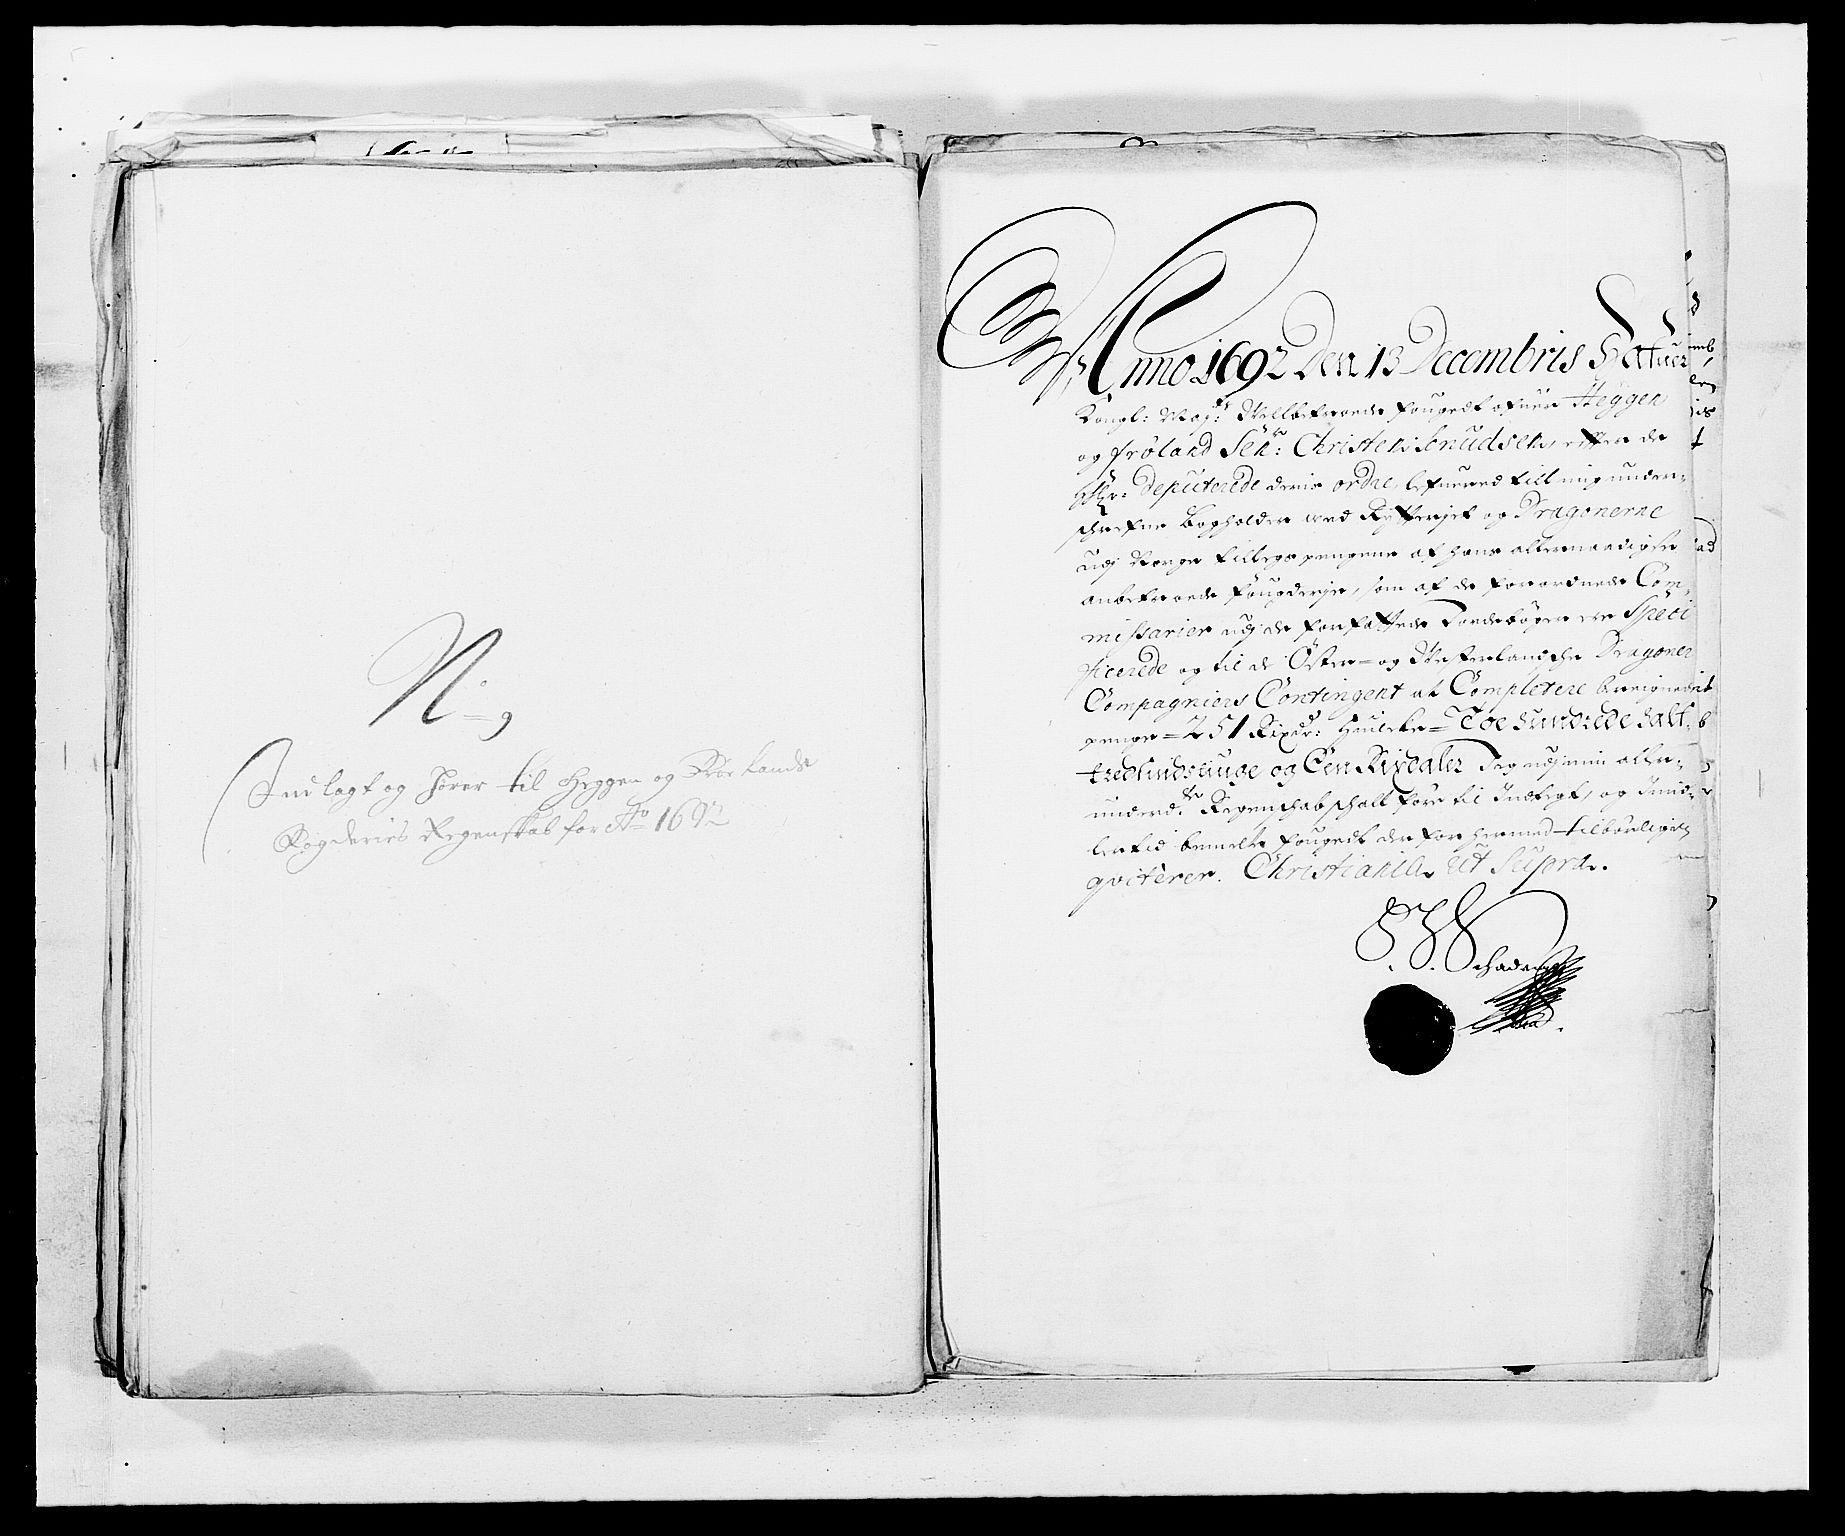 RA, Rentekammeret inntil 1814, Reviderte regnskaper, Fogderegnskap, R06/L0283: Fogderegnskap Heggen og Frøland, 1691-1693, s. 290